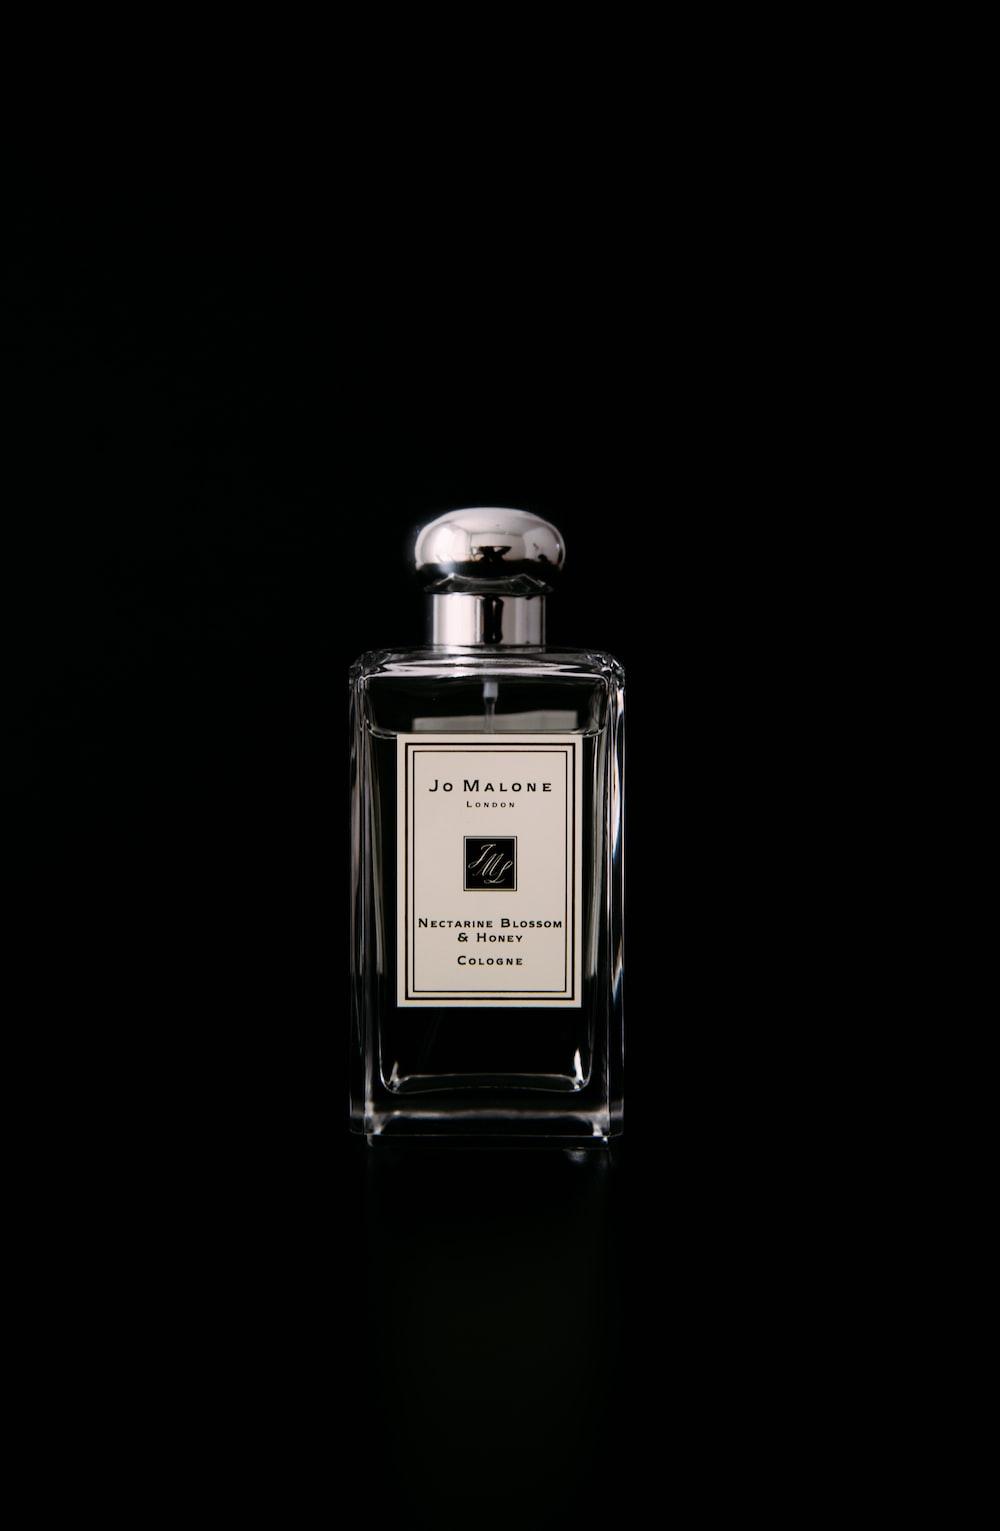 Jo Malone fragrance bottle